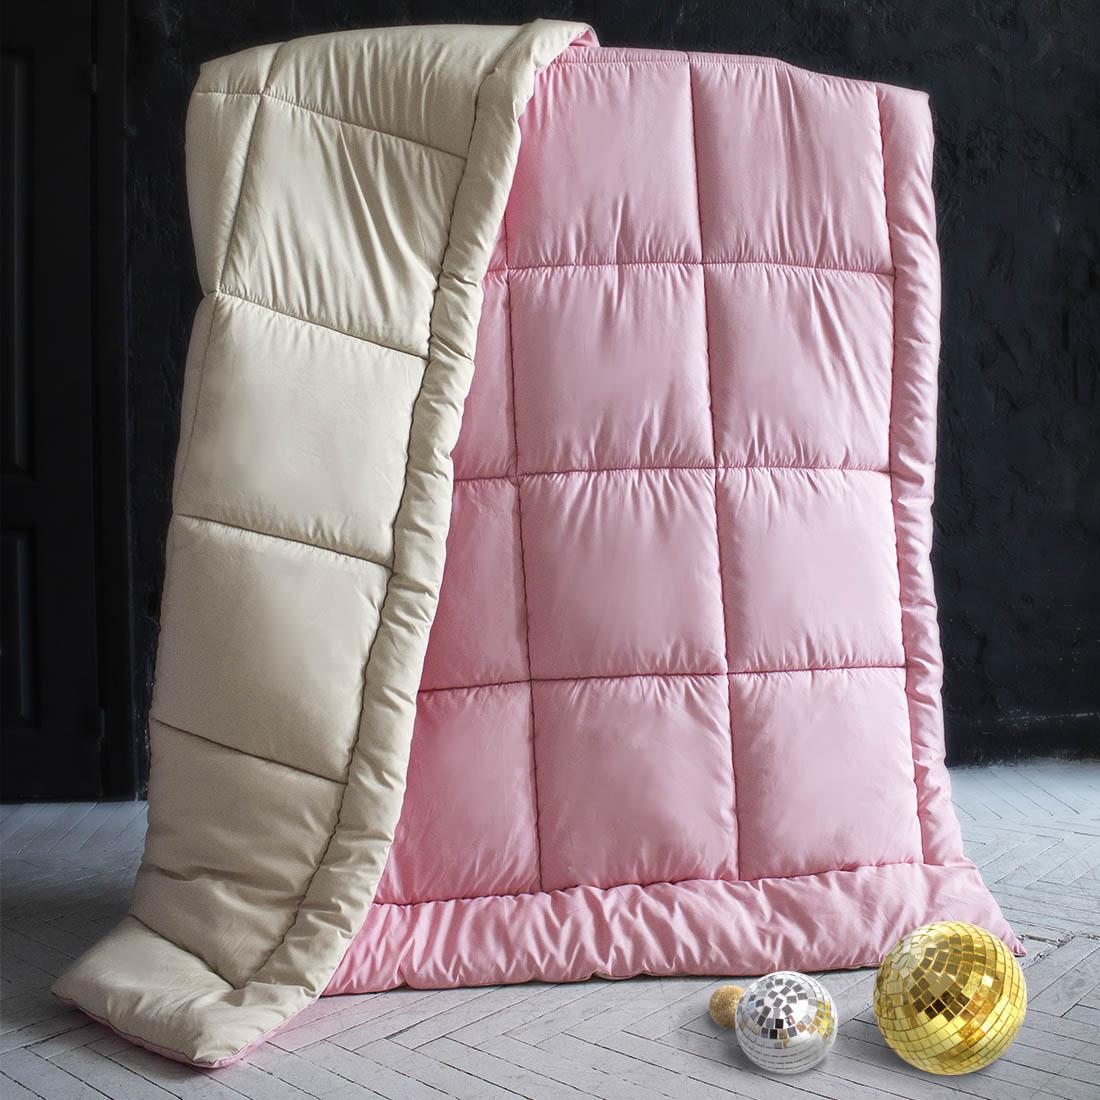 Одеяла Sleep iX Одеяло MiltiColorЦвет: Бежевый/Розовый (140х205 см) одеяло лэмби цвет бежевый 140 х 205 см